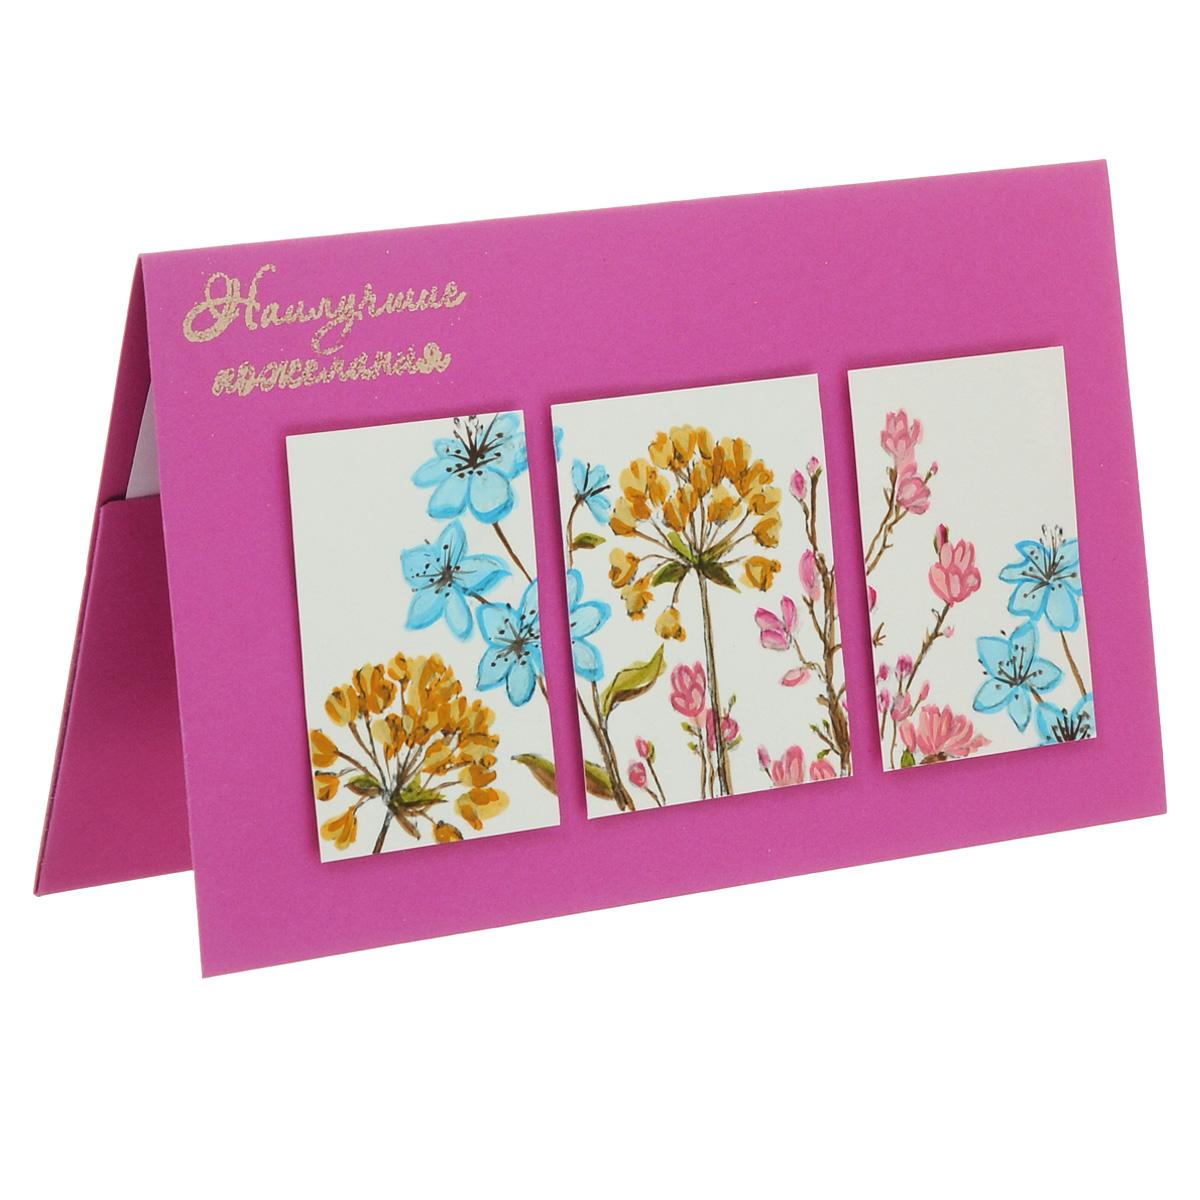 ОЖ-0024 Открытка-конверт «Наилучшие пожелания» (триптих розовый). Студия «Тётя Роза»40151Характеристики: Размер 19 см x 11 см. Материал: Высоко-художественный картон, бумага, декор. Данная открытка может стать как прекрасным дополнением к вашему подарку, так и самостоятельным подарком. Так как открытка является и конвертом, в который вы можете вложить ваш денежный подарок или просто написать ваши пожелания на вкладыше. Дизайн этой открытки сложился из использования рукописного триптиха с цветочным мотивом полевых трав. В простоте решения этого поздравления заложена выразительность восприятия. Цветы прорисованы вручную акриловыми красками. Надпись выполнена в технике горячего термоподъема. Также открытка упакована в пакетик для сохранности. Обращаем Ваше внимание на то, что открытка может незначительно отличаться от представленной на фото.